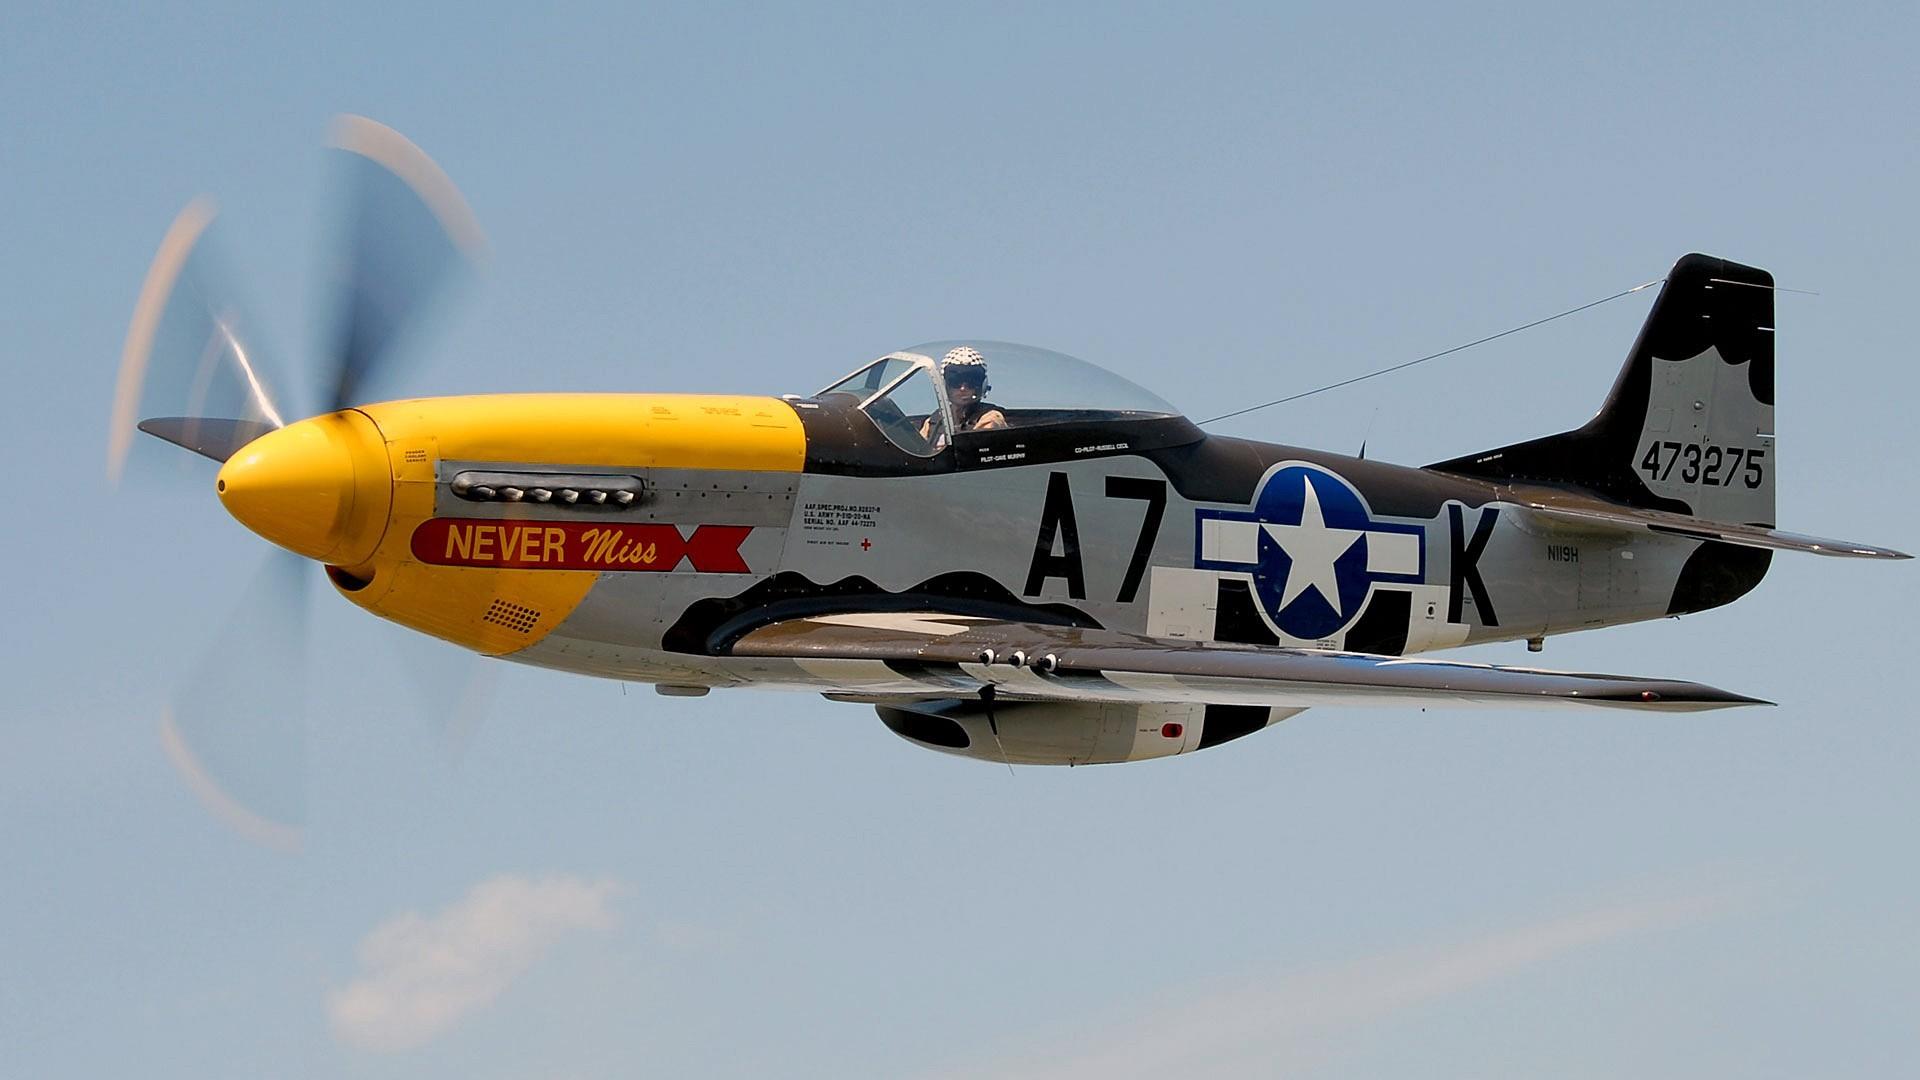 P-51 Mustang Warbird aircraft